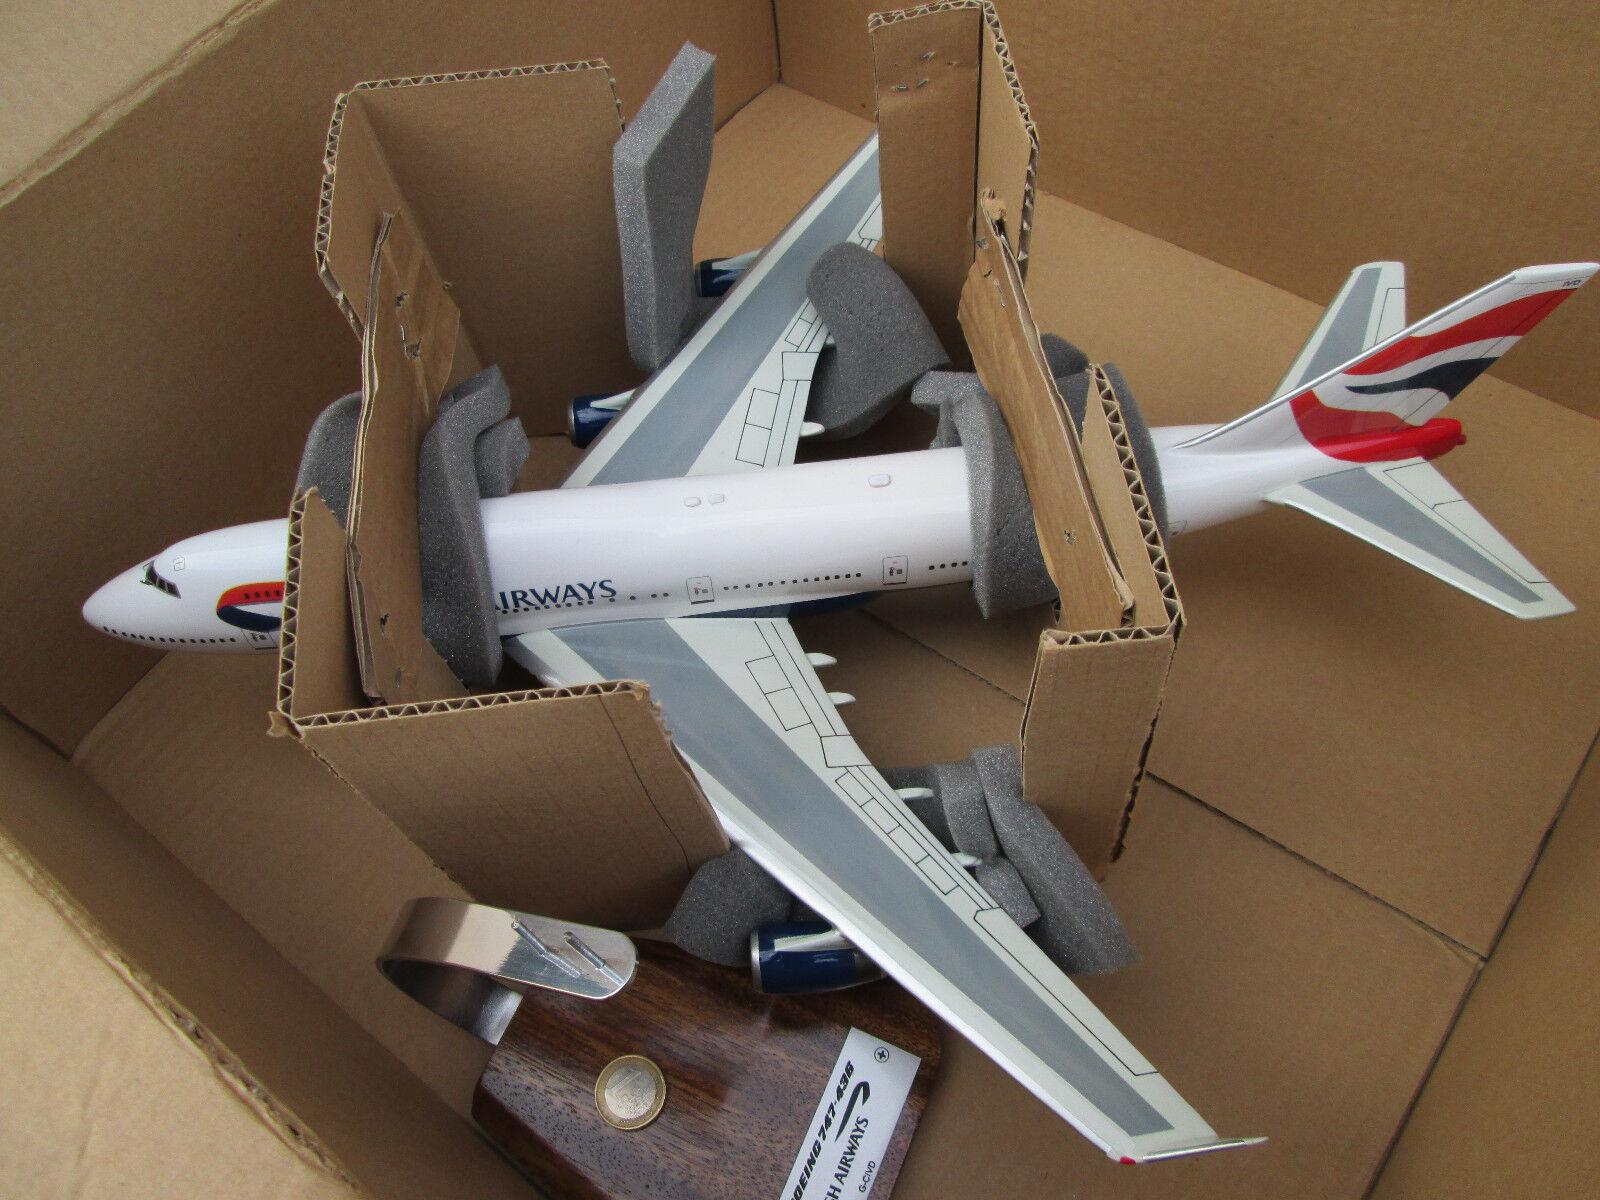 Boeing B 747 Jumbo Jet British Airways UK UK UK woodmodel ronds Aircraft yakair | être Dans L'utilisation  | être Nouvelle Dans La Conception  | Qualité Supérieure  4e07ae